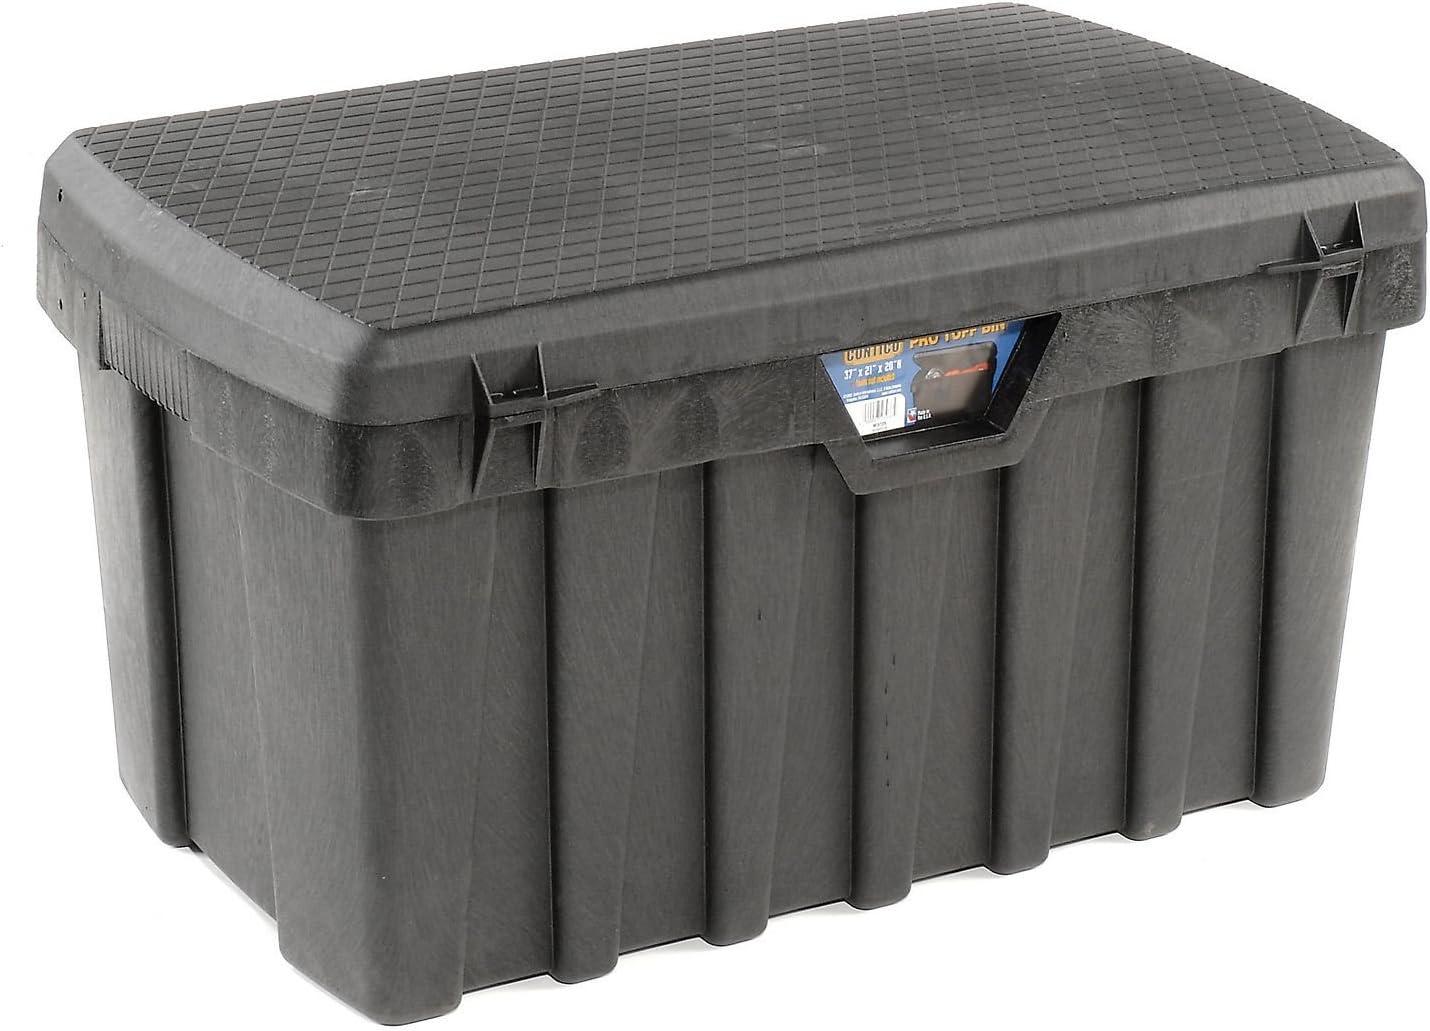 Pro Tuff Work Box, 37x21x20, Structural Foam,